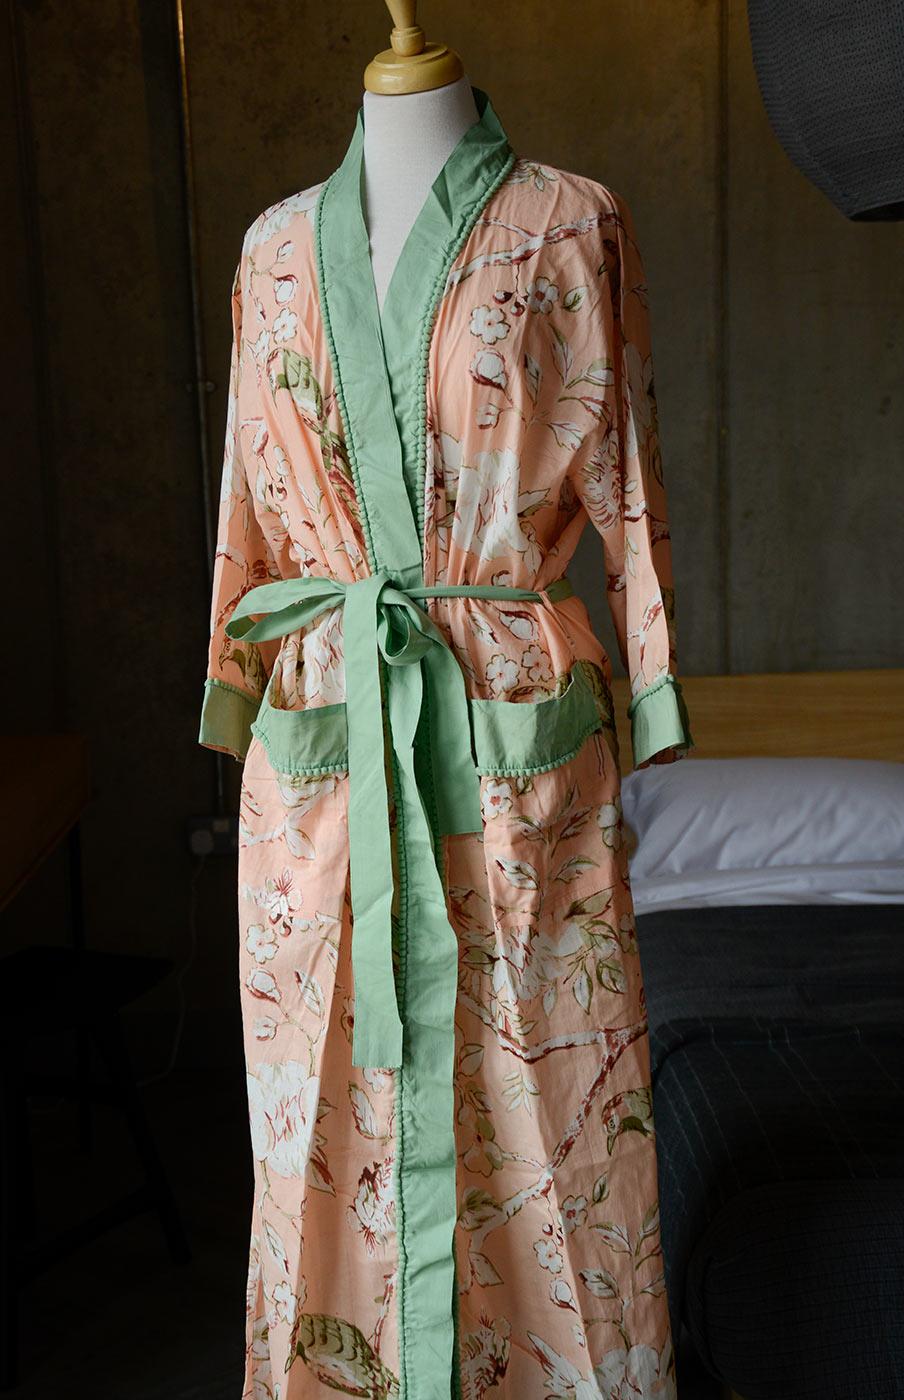 feminine robes